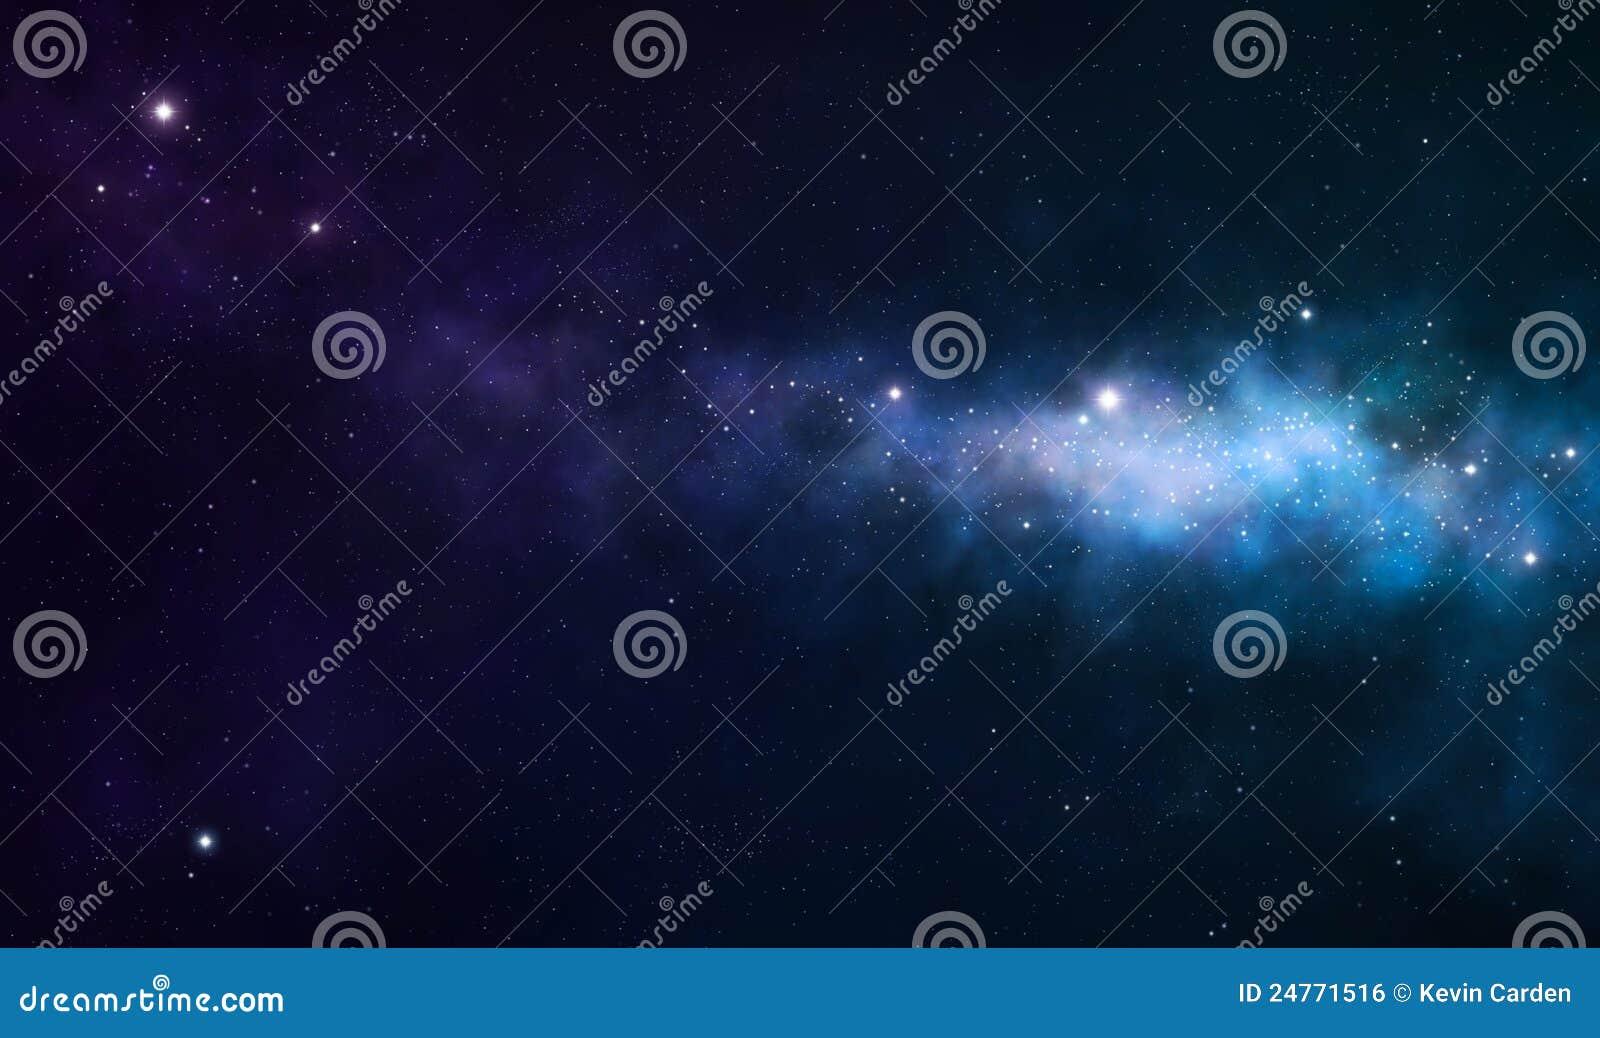 blue and purple nebula - photo #12